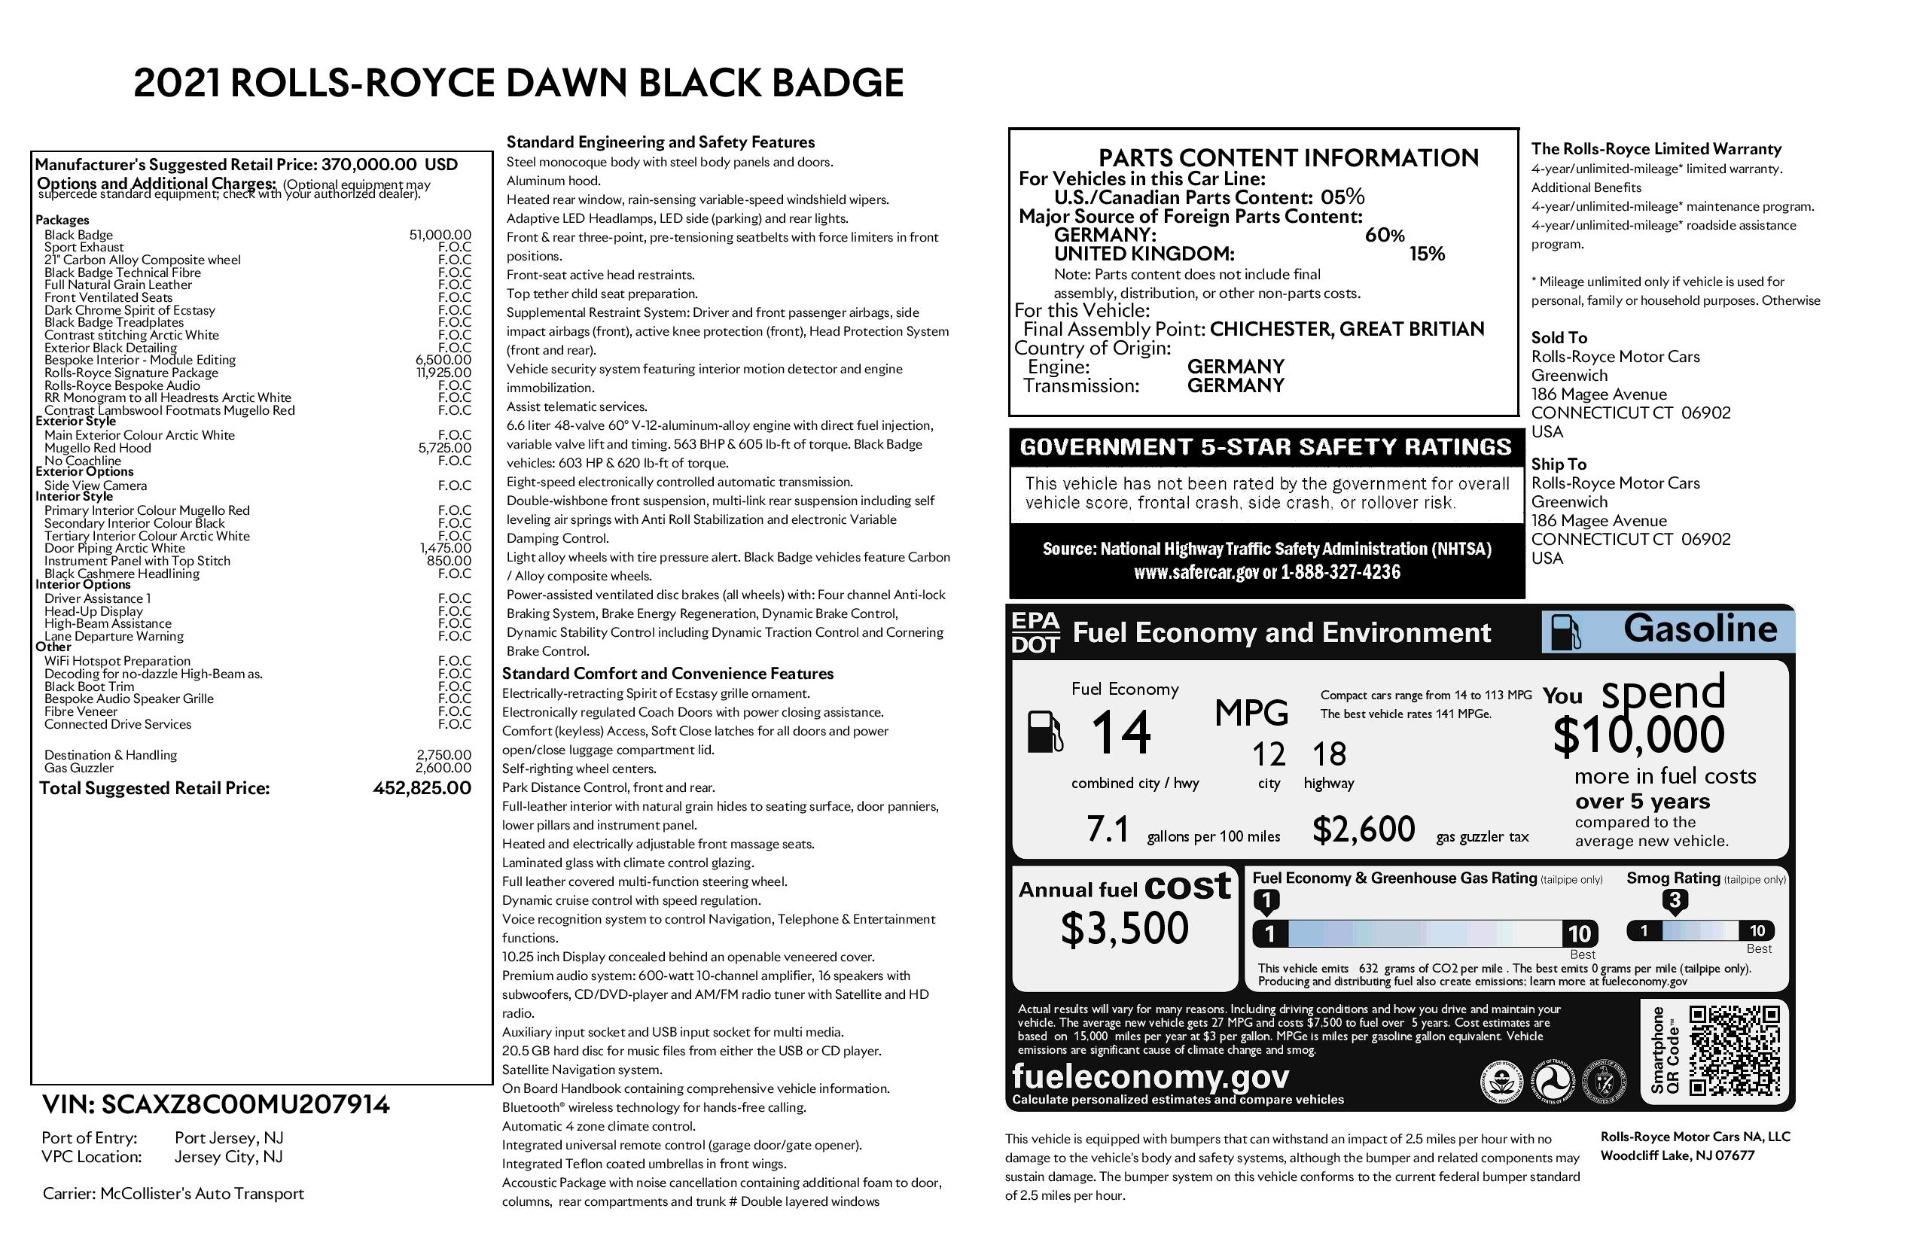 New 2021 Rolls Royce Dawn Black Badge